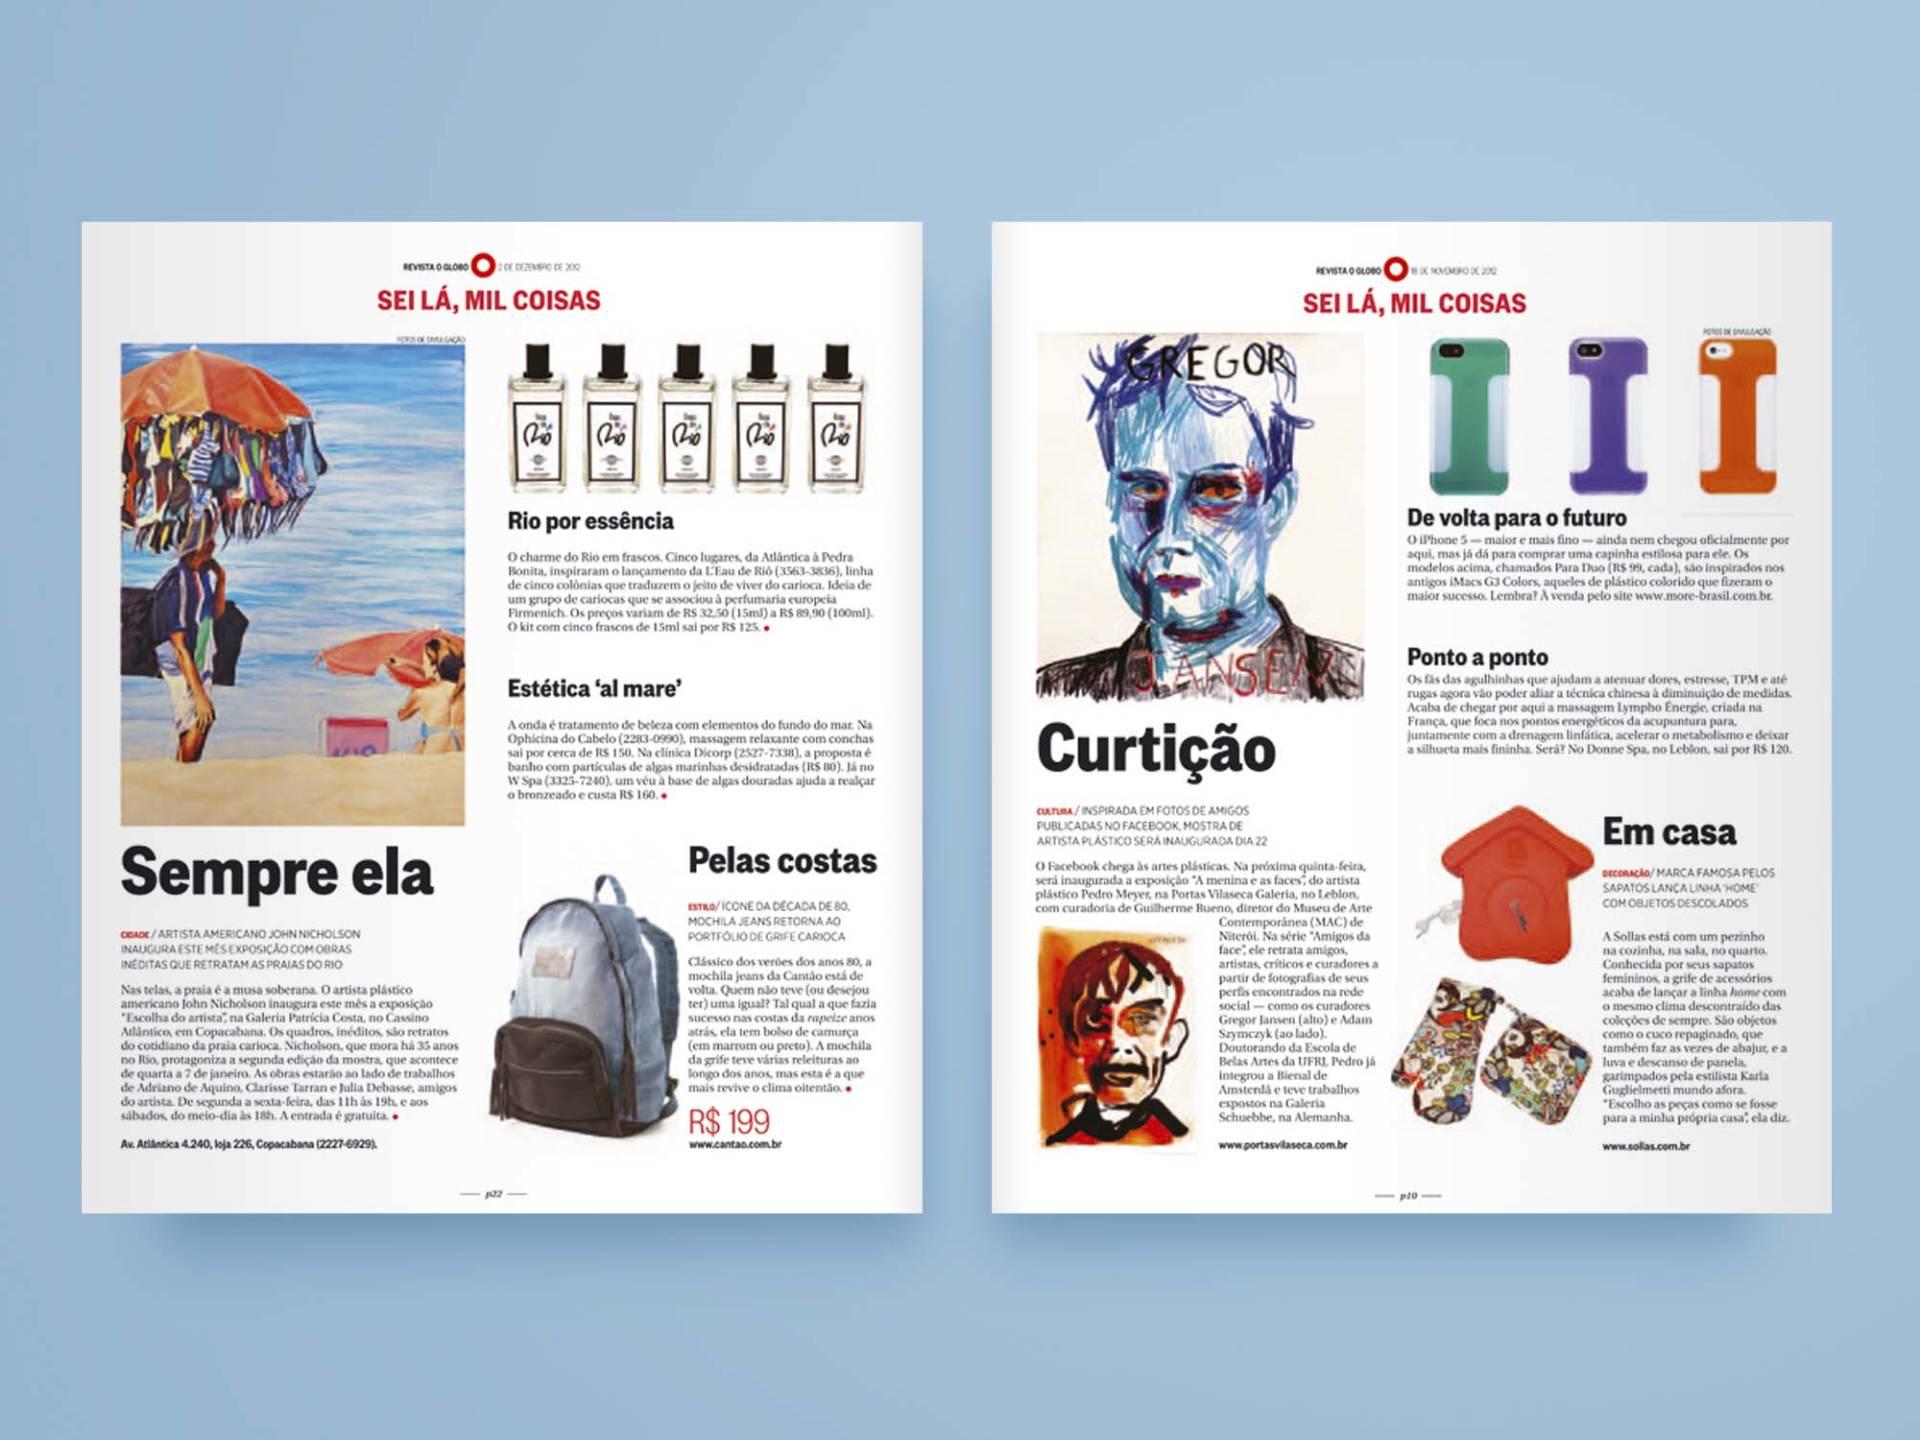 Revista_O_Globo_08_Wenceslau_News_Design